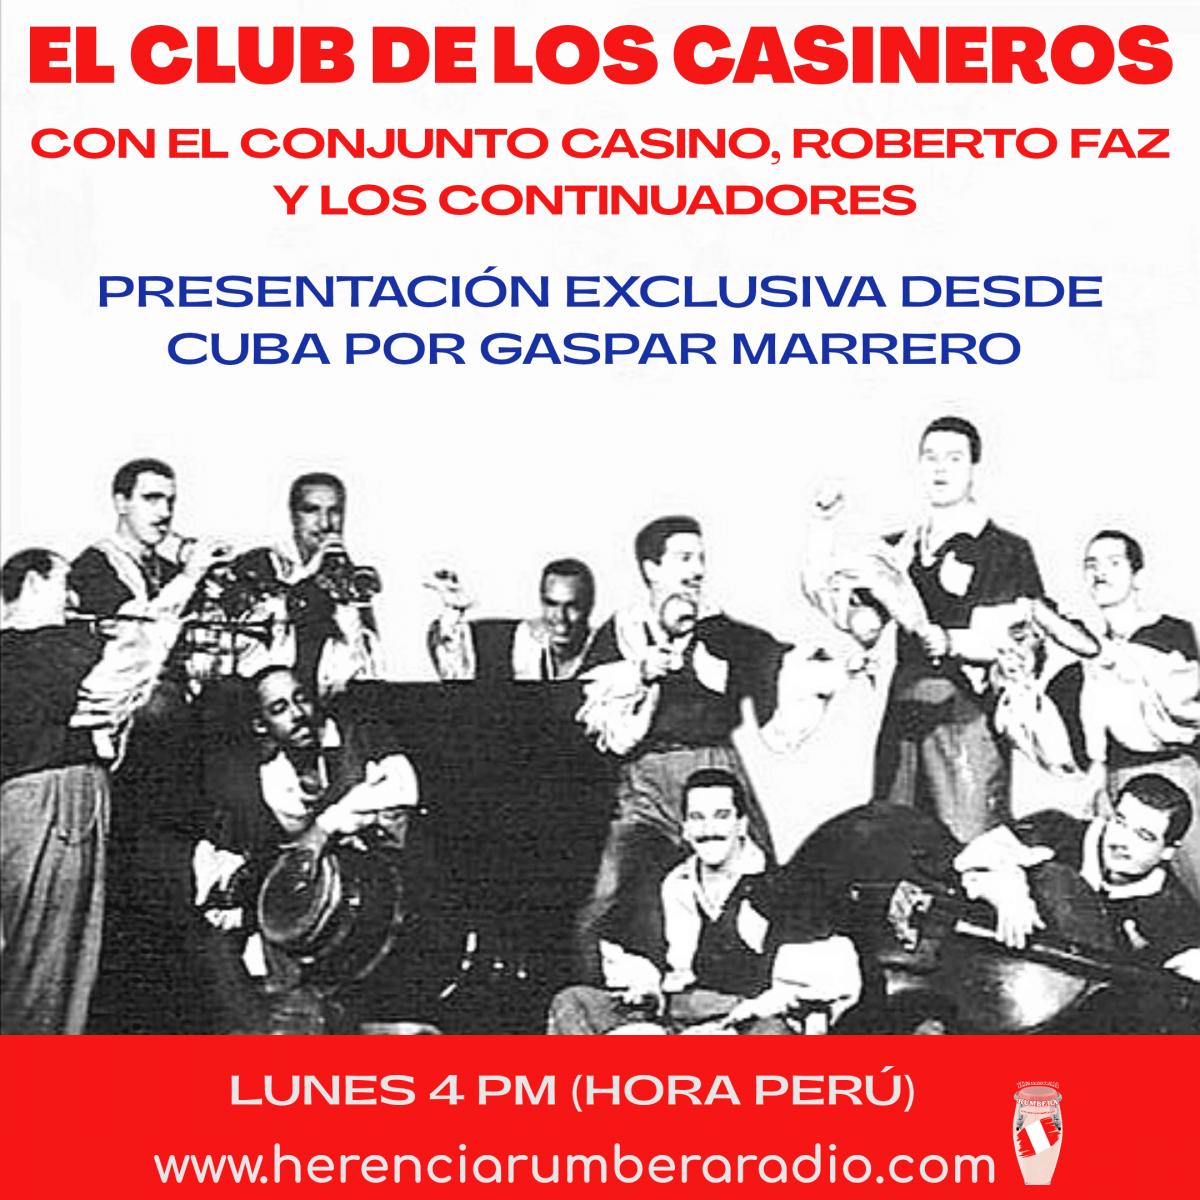 PODCAST EL CLUB DE LOS CASINEROS